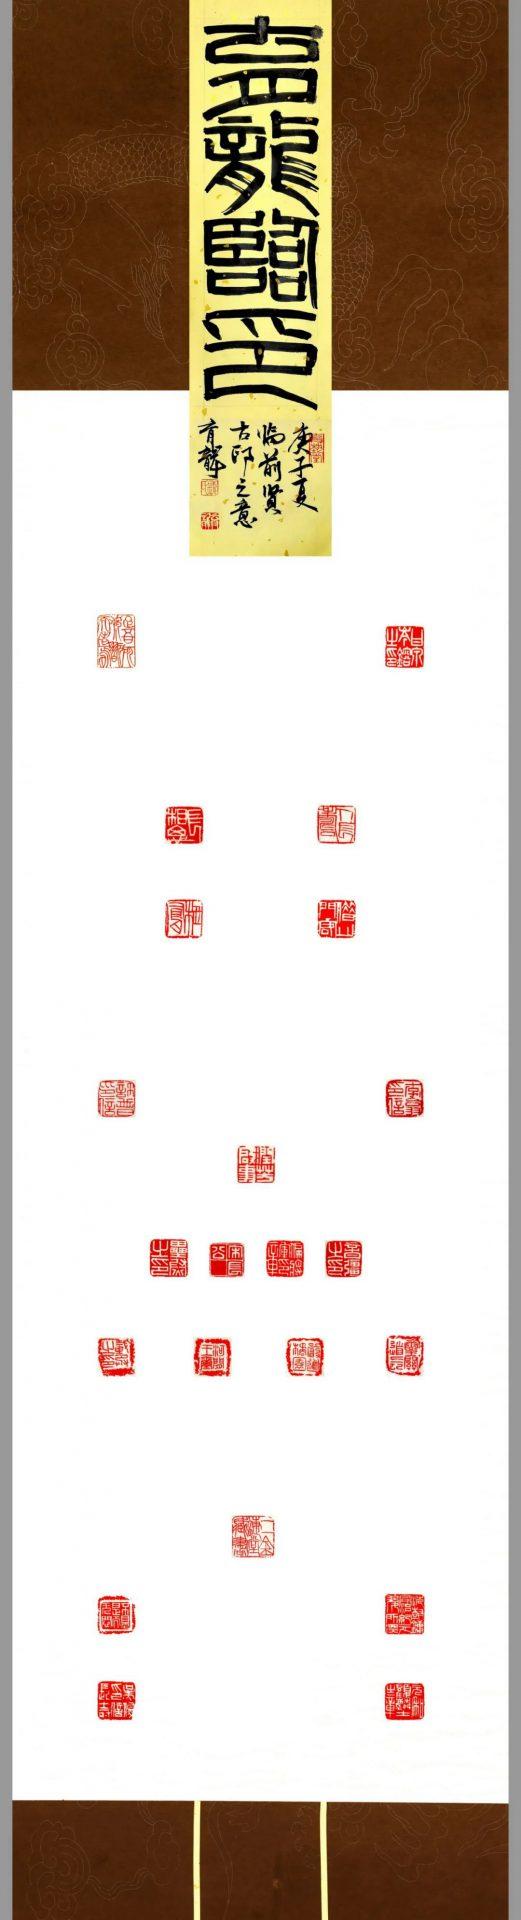 临习经典 致敬武侯 ——武侯区教育学会书法专委会举办首届武侯教师临帖临印网络展